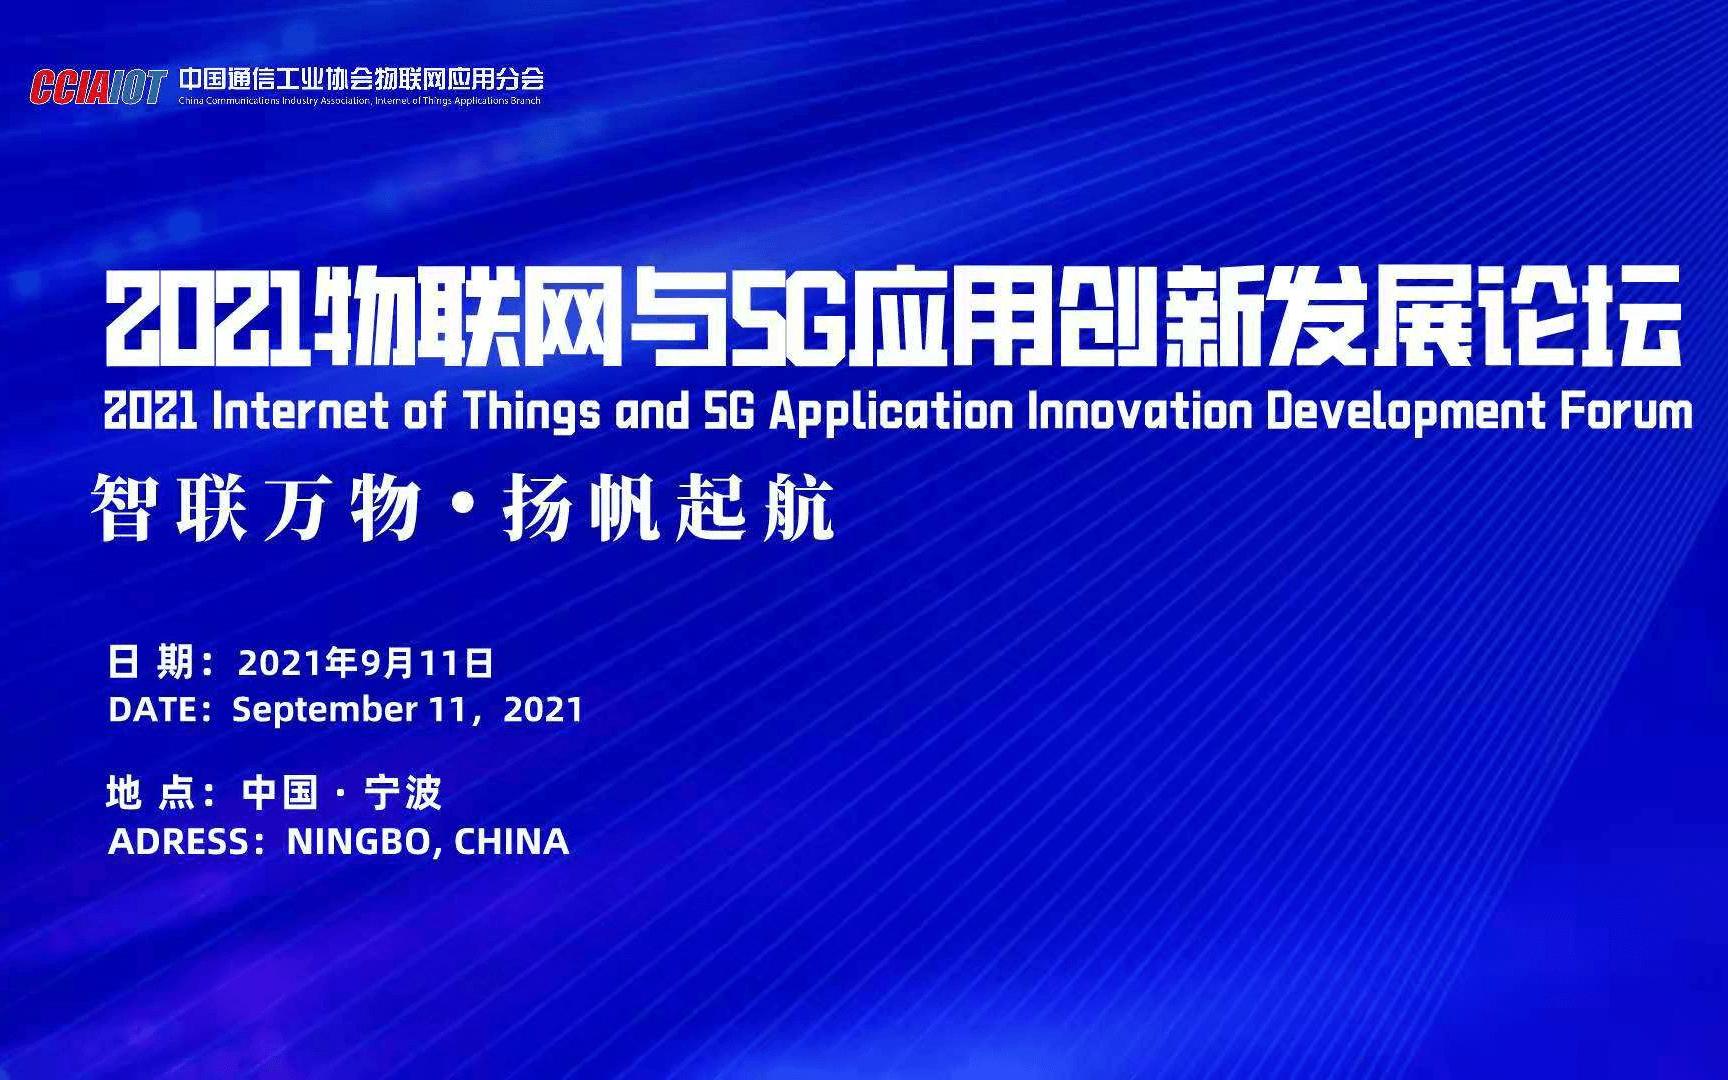 2021物联网与5G应用创新发展论坛